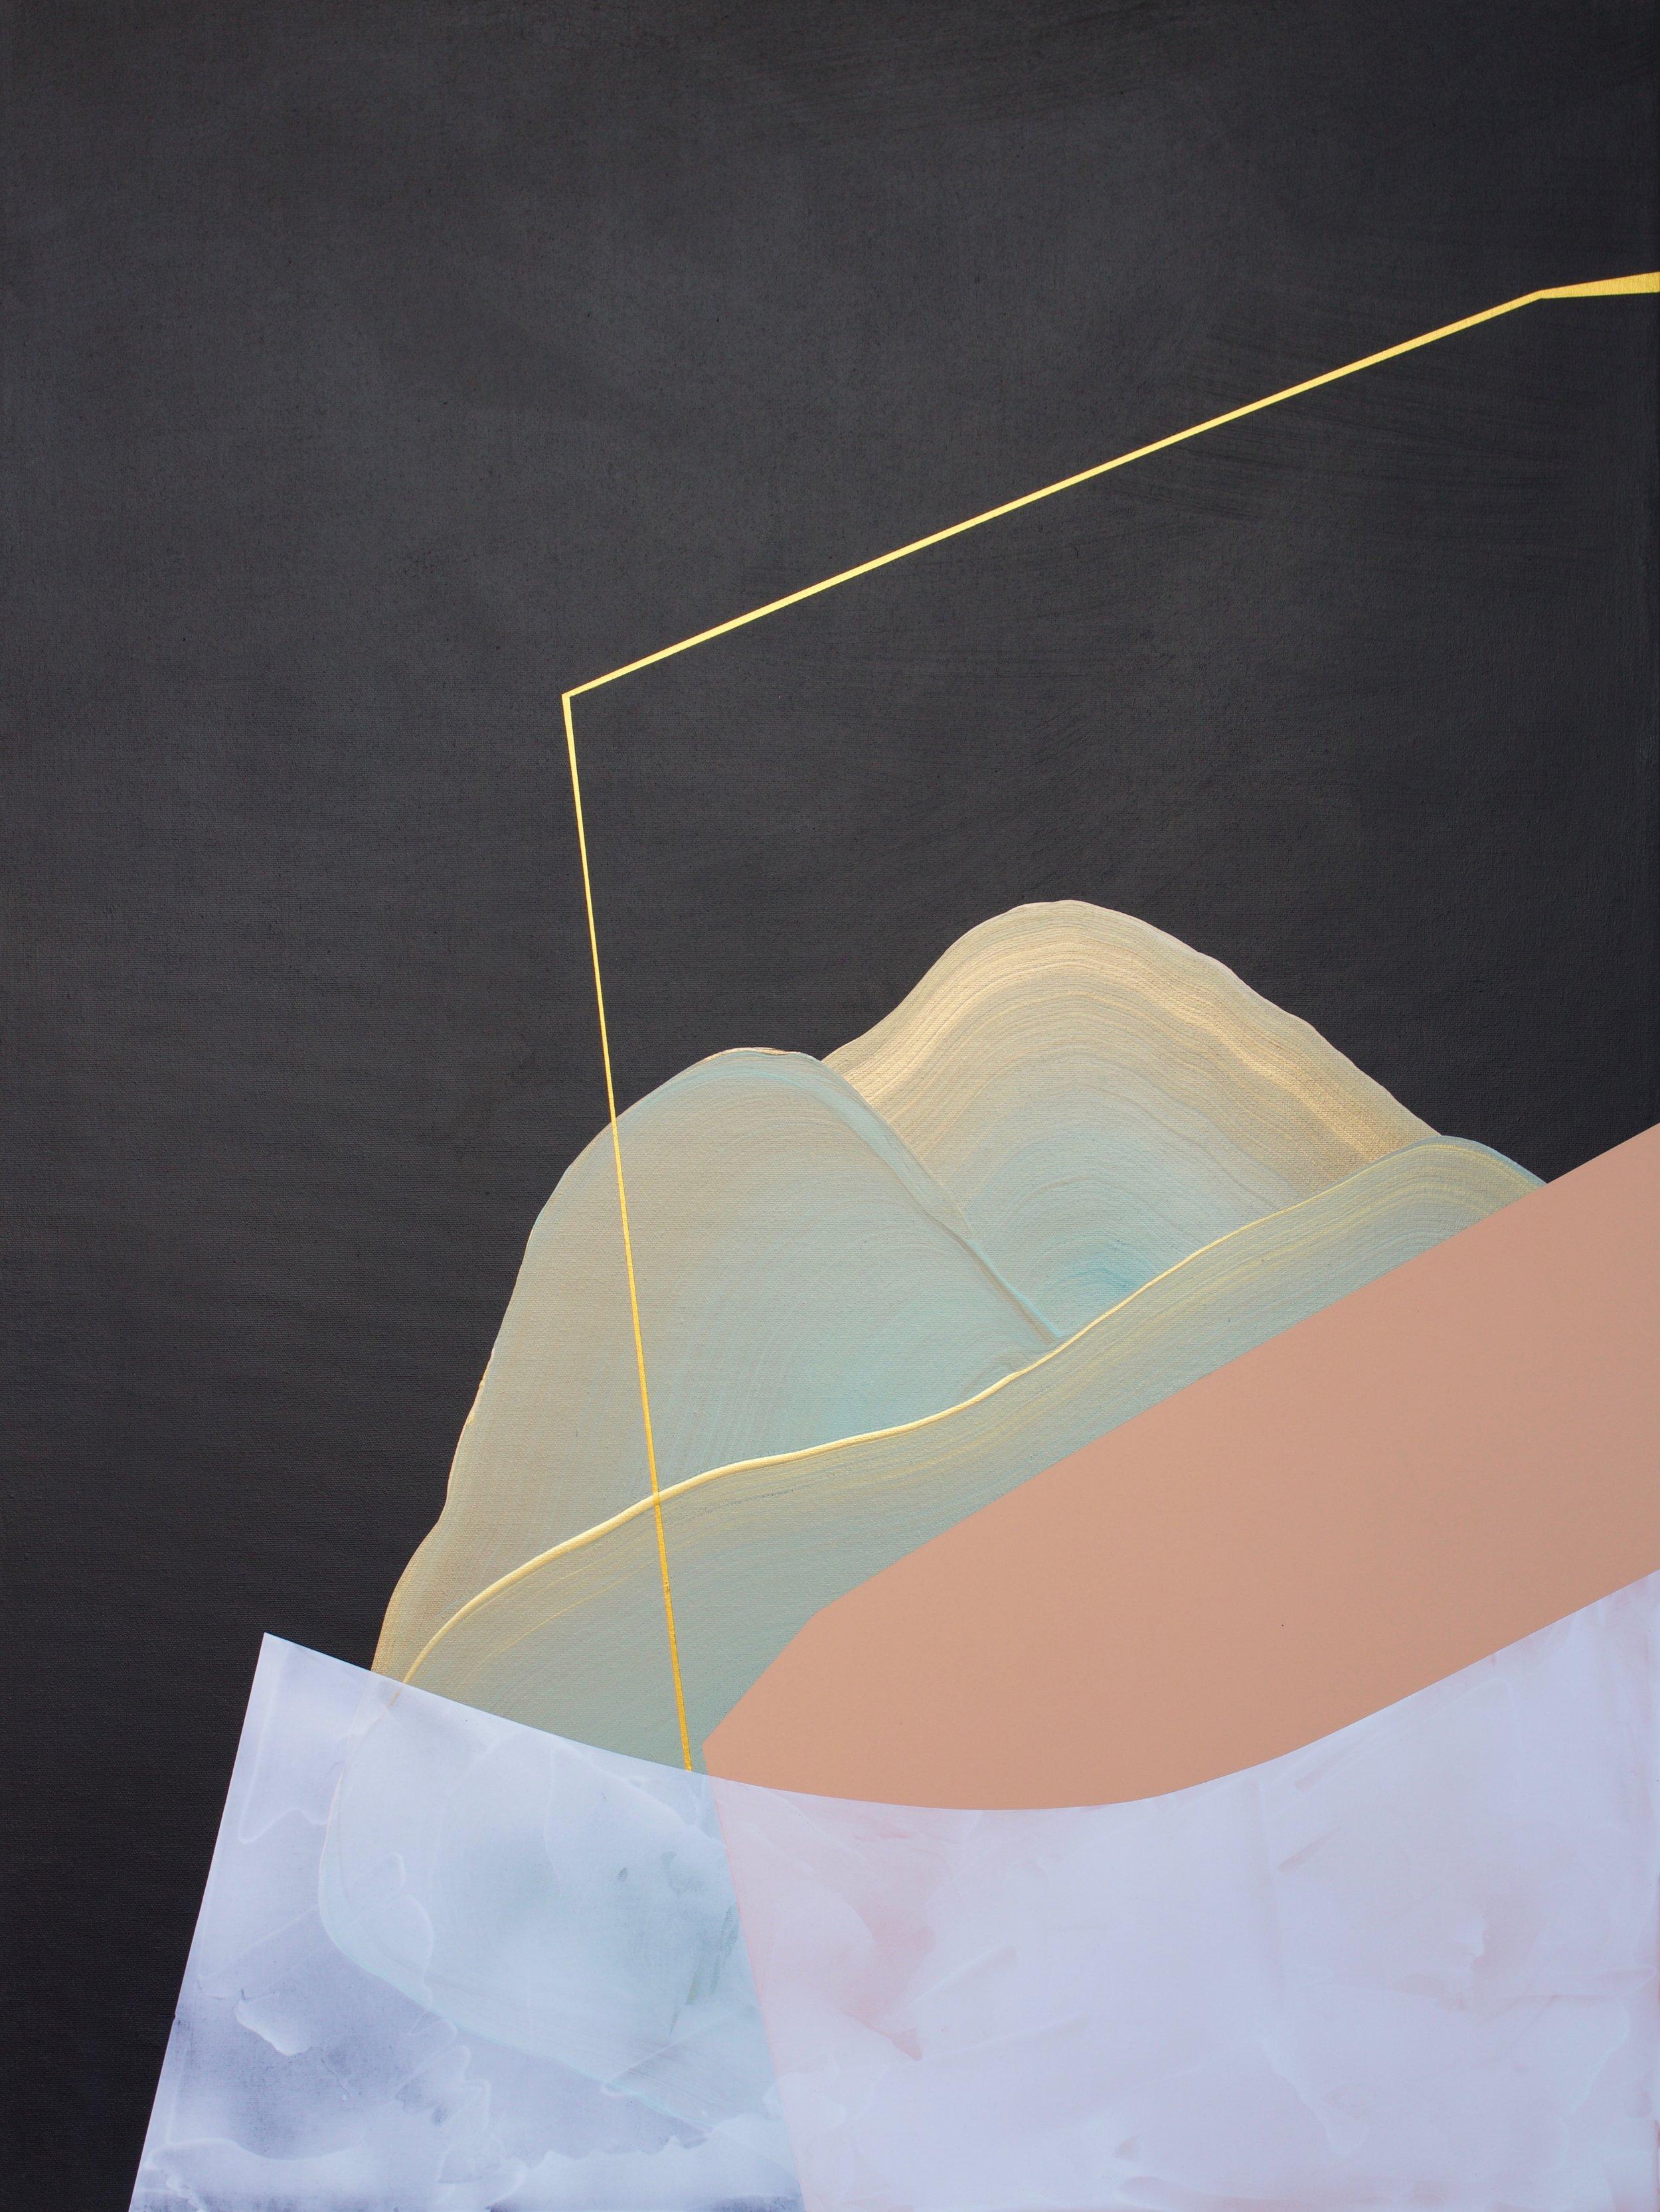 Be Happy  Mixed acrylic medium on canvas 40x30 inches $1100.00